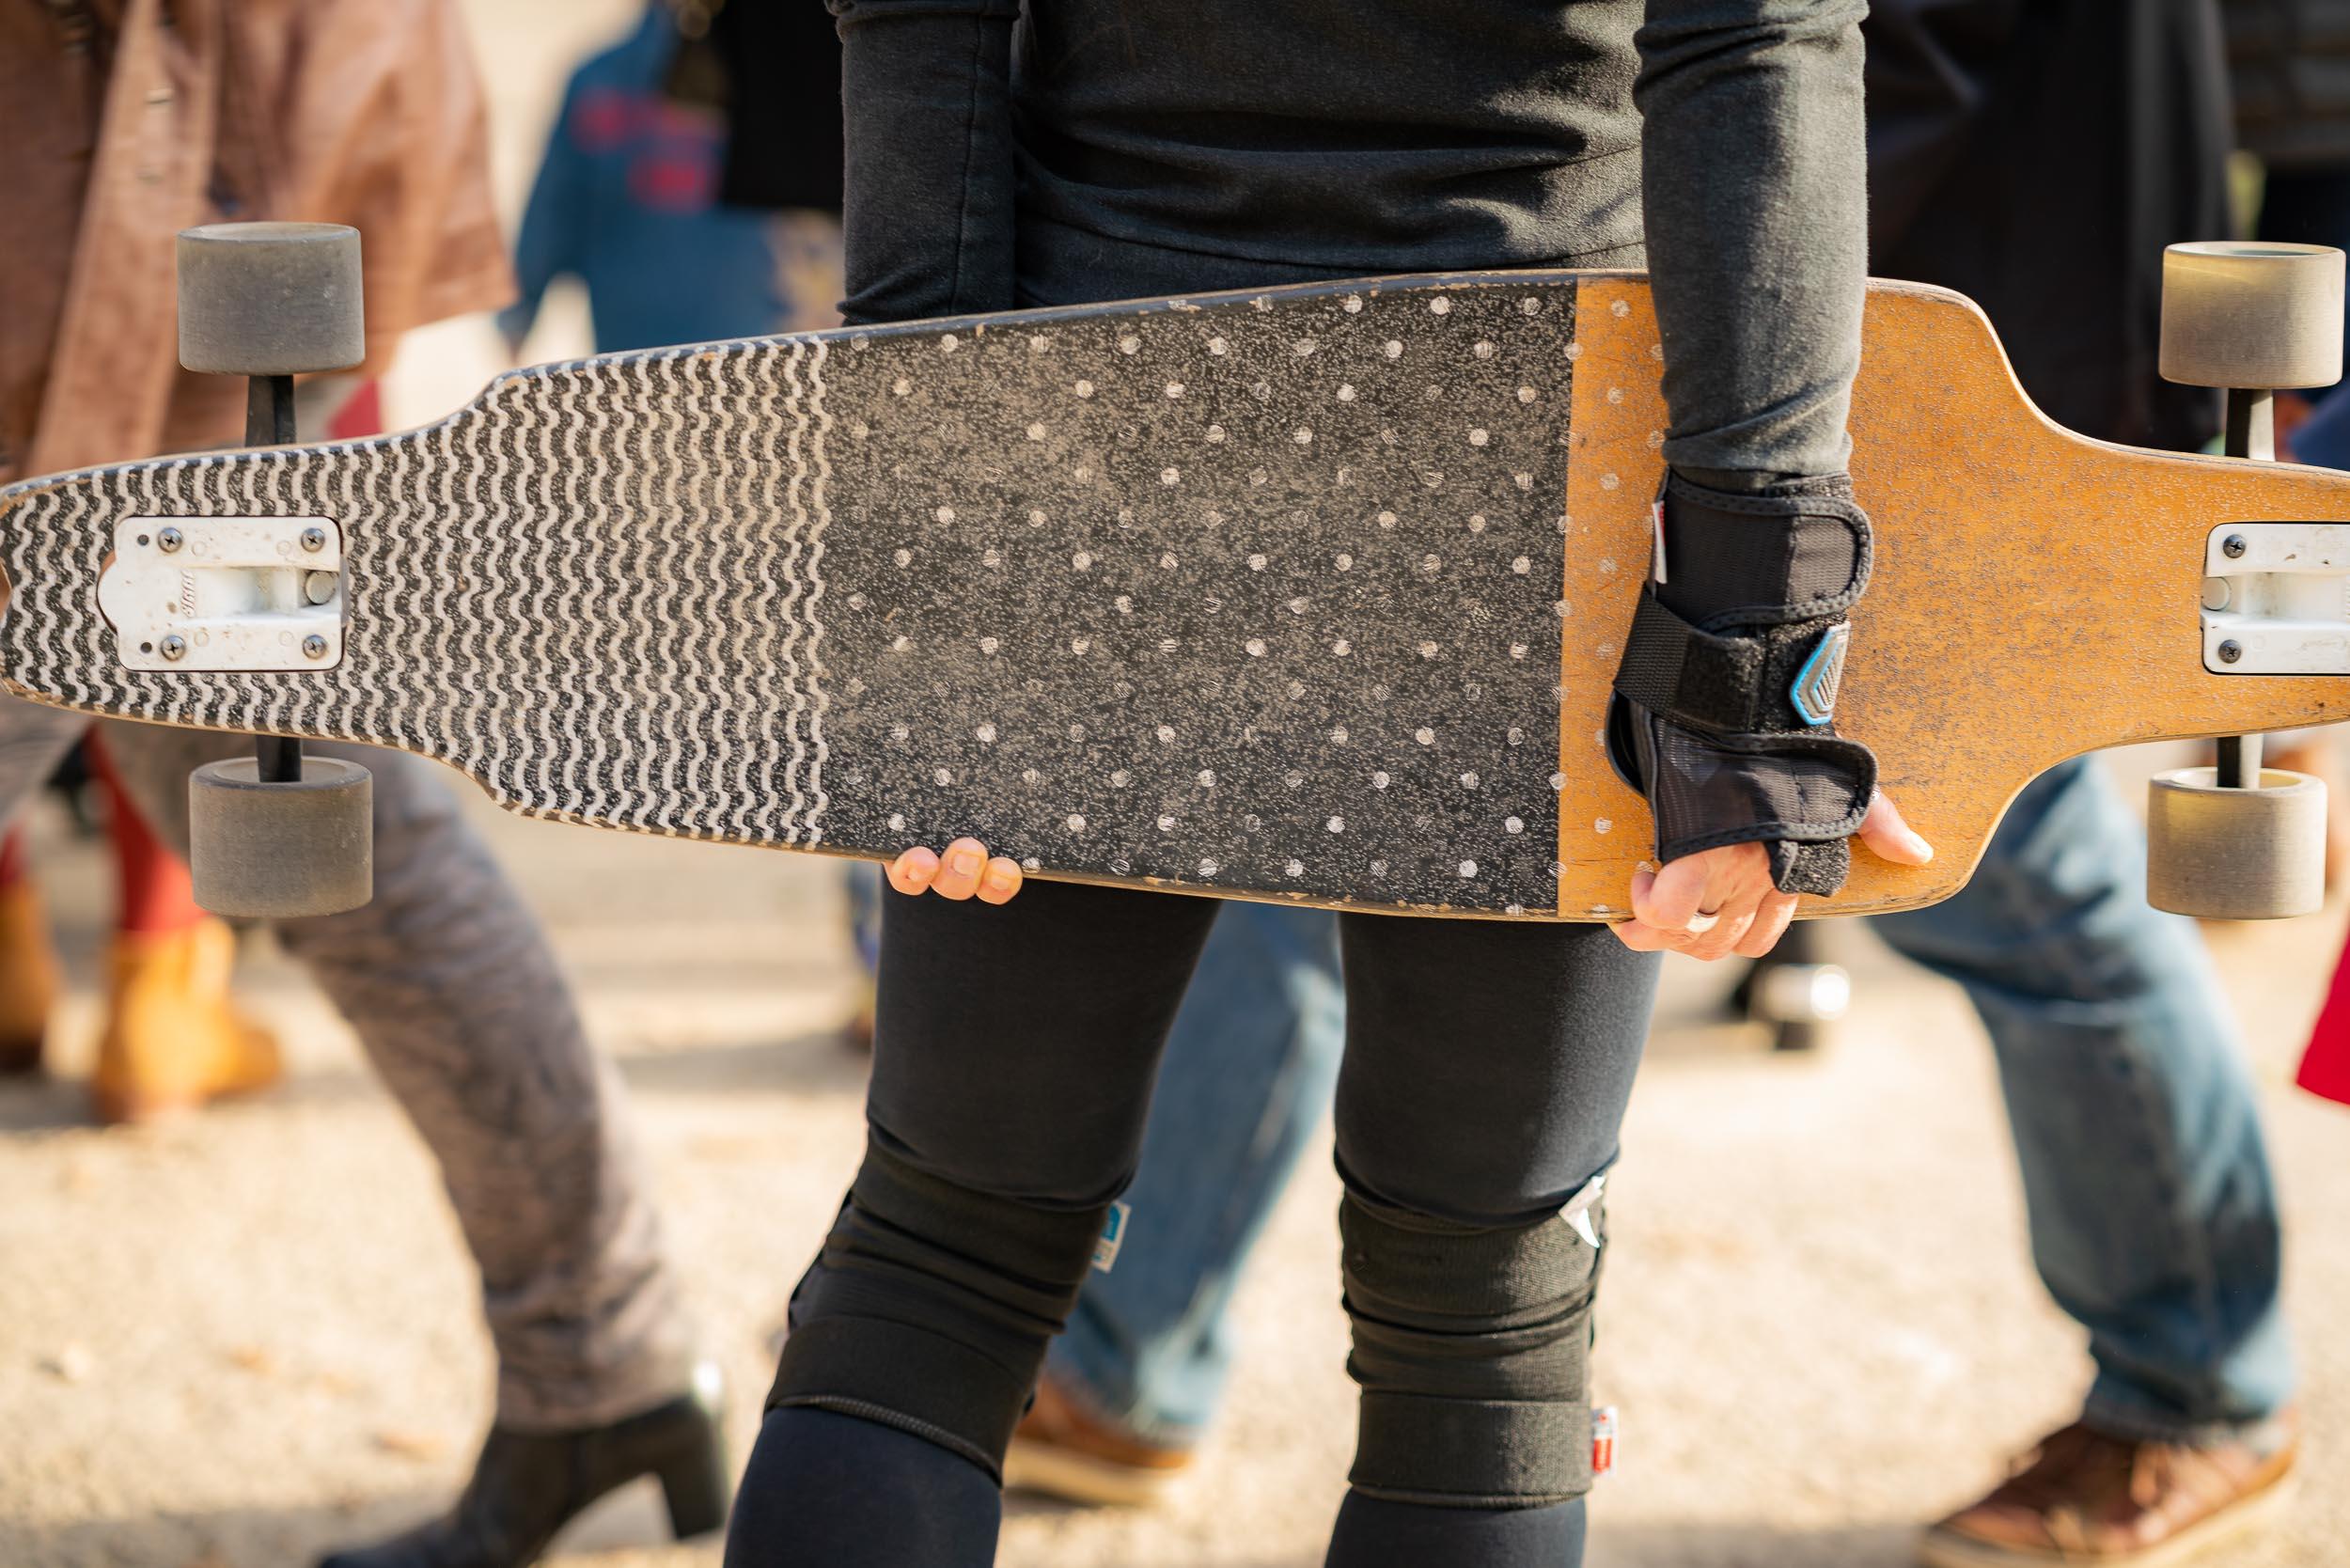 Photographie d'un évenement Skate dans le Bois de la Cambre